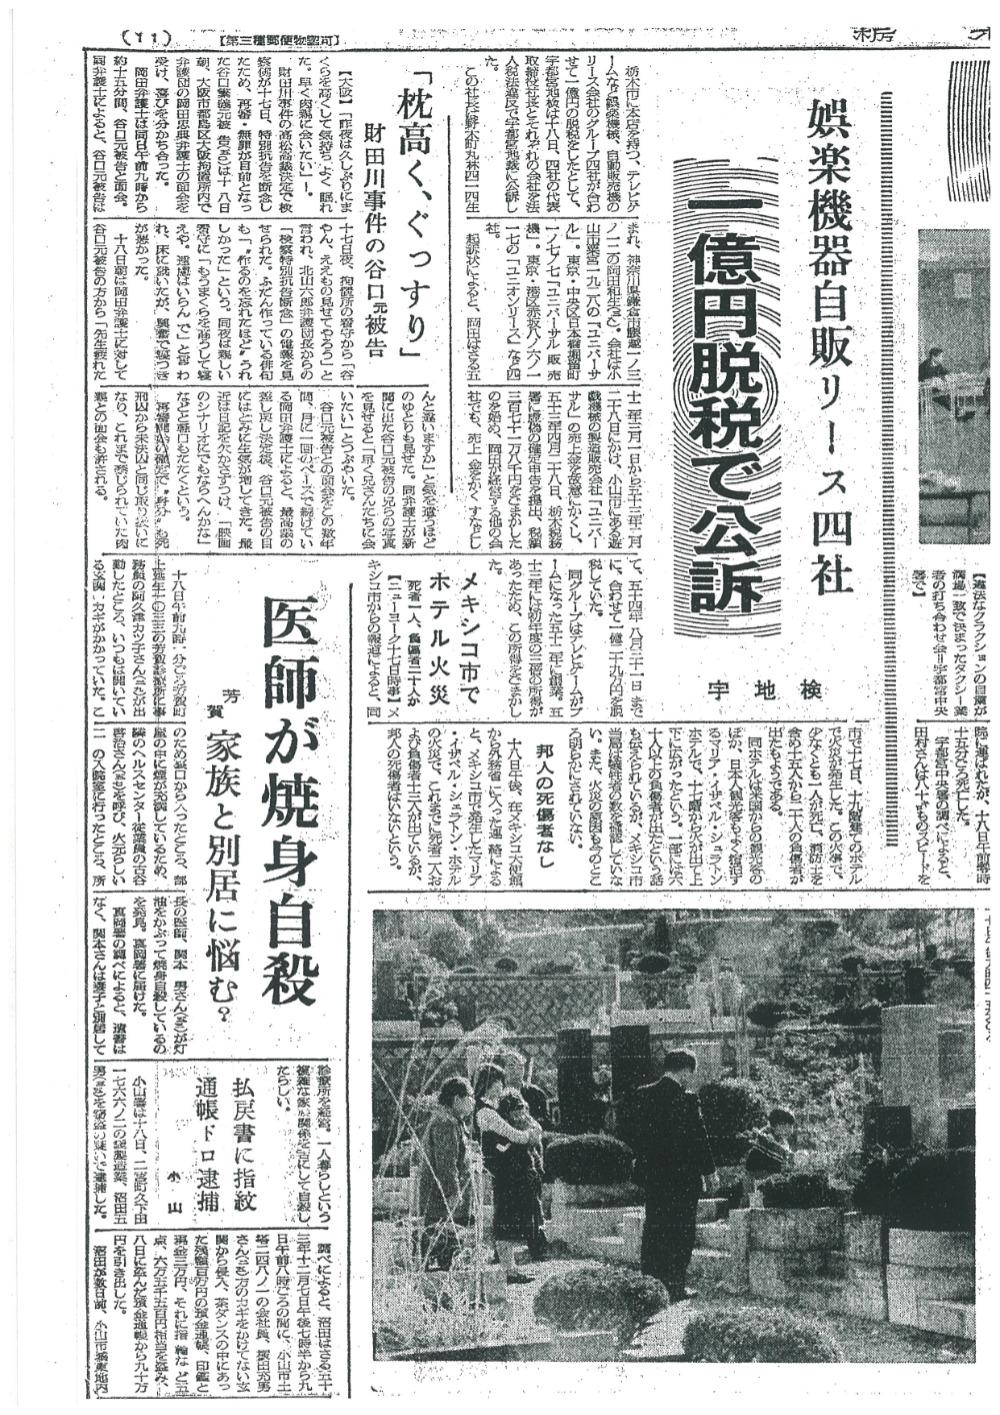 岡田和生氏が脱税で起訴されたことを伝える栃木新聞の一面